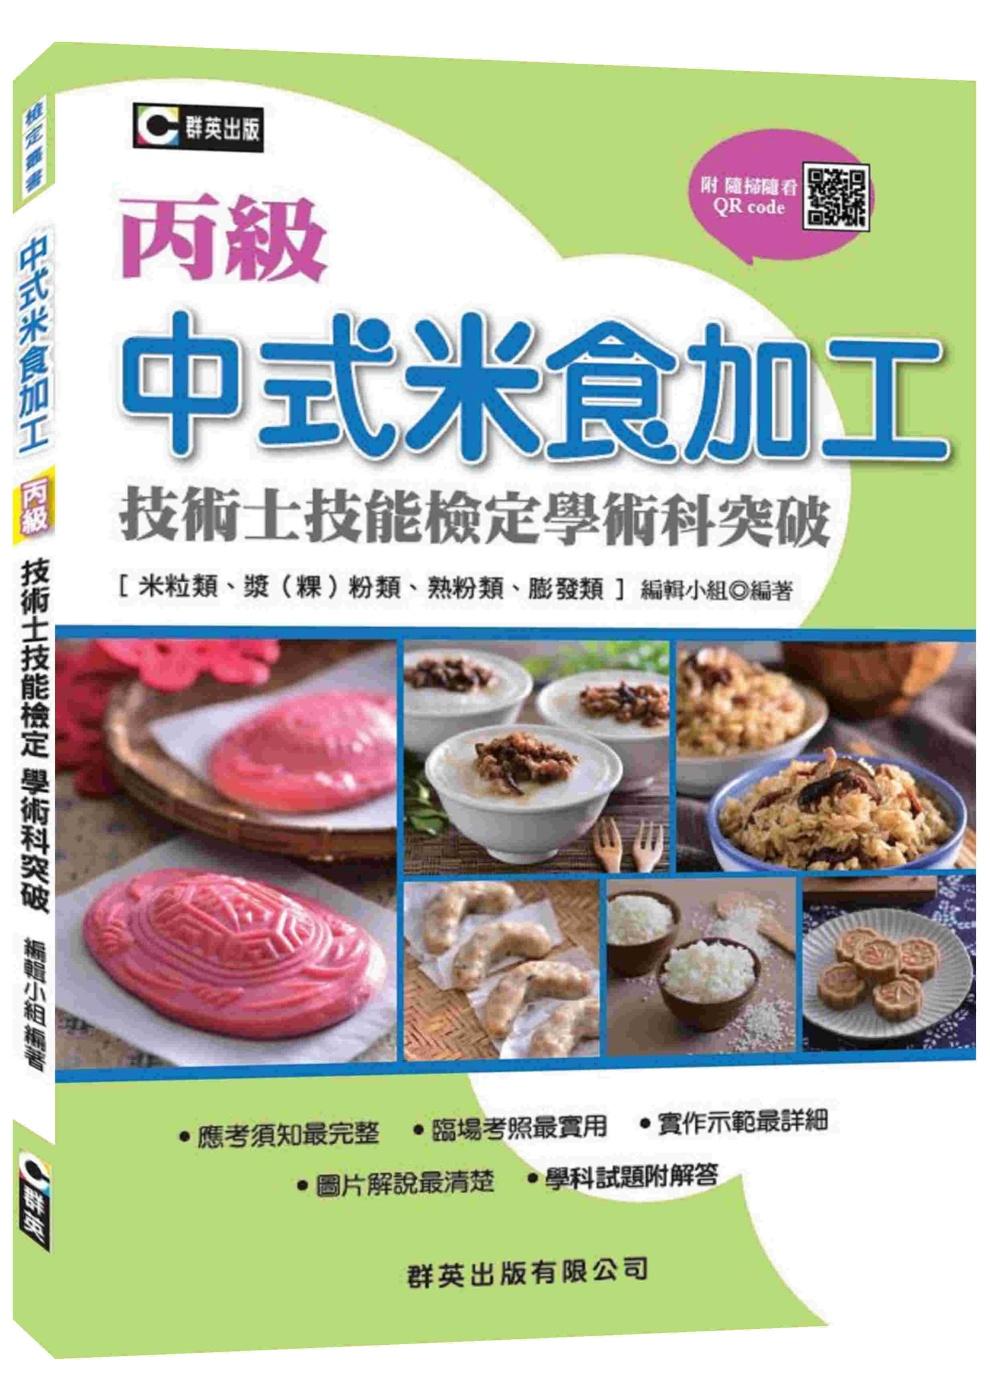 中式米食加工(米粒類、漿(粿)粉類、熟粉類、膨發類)丙級技術士技能檢定學術科突破